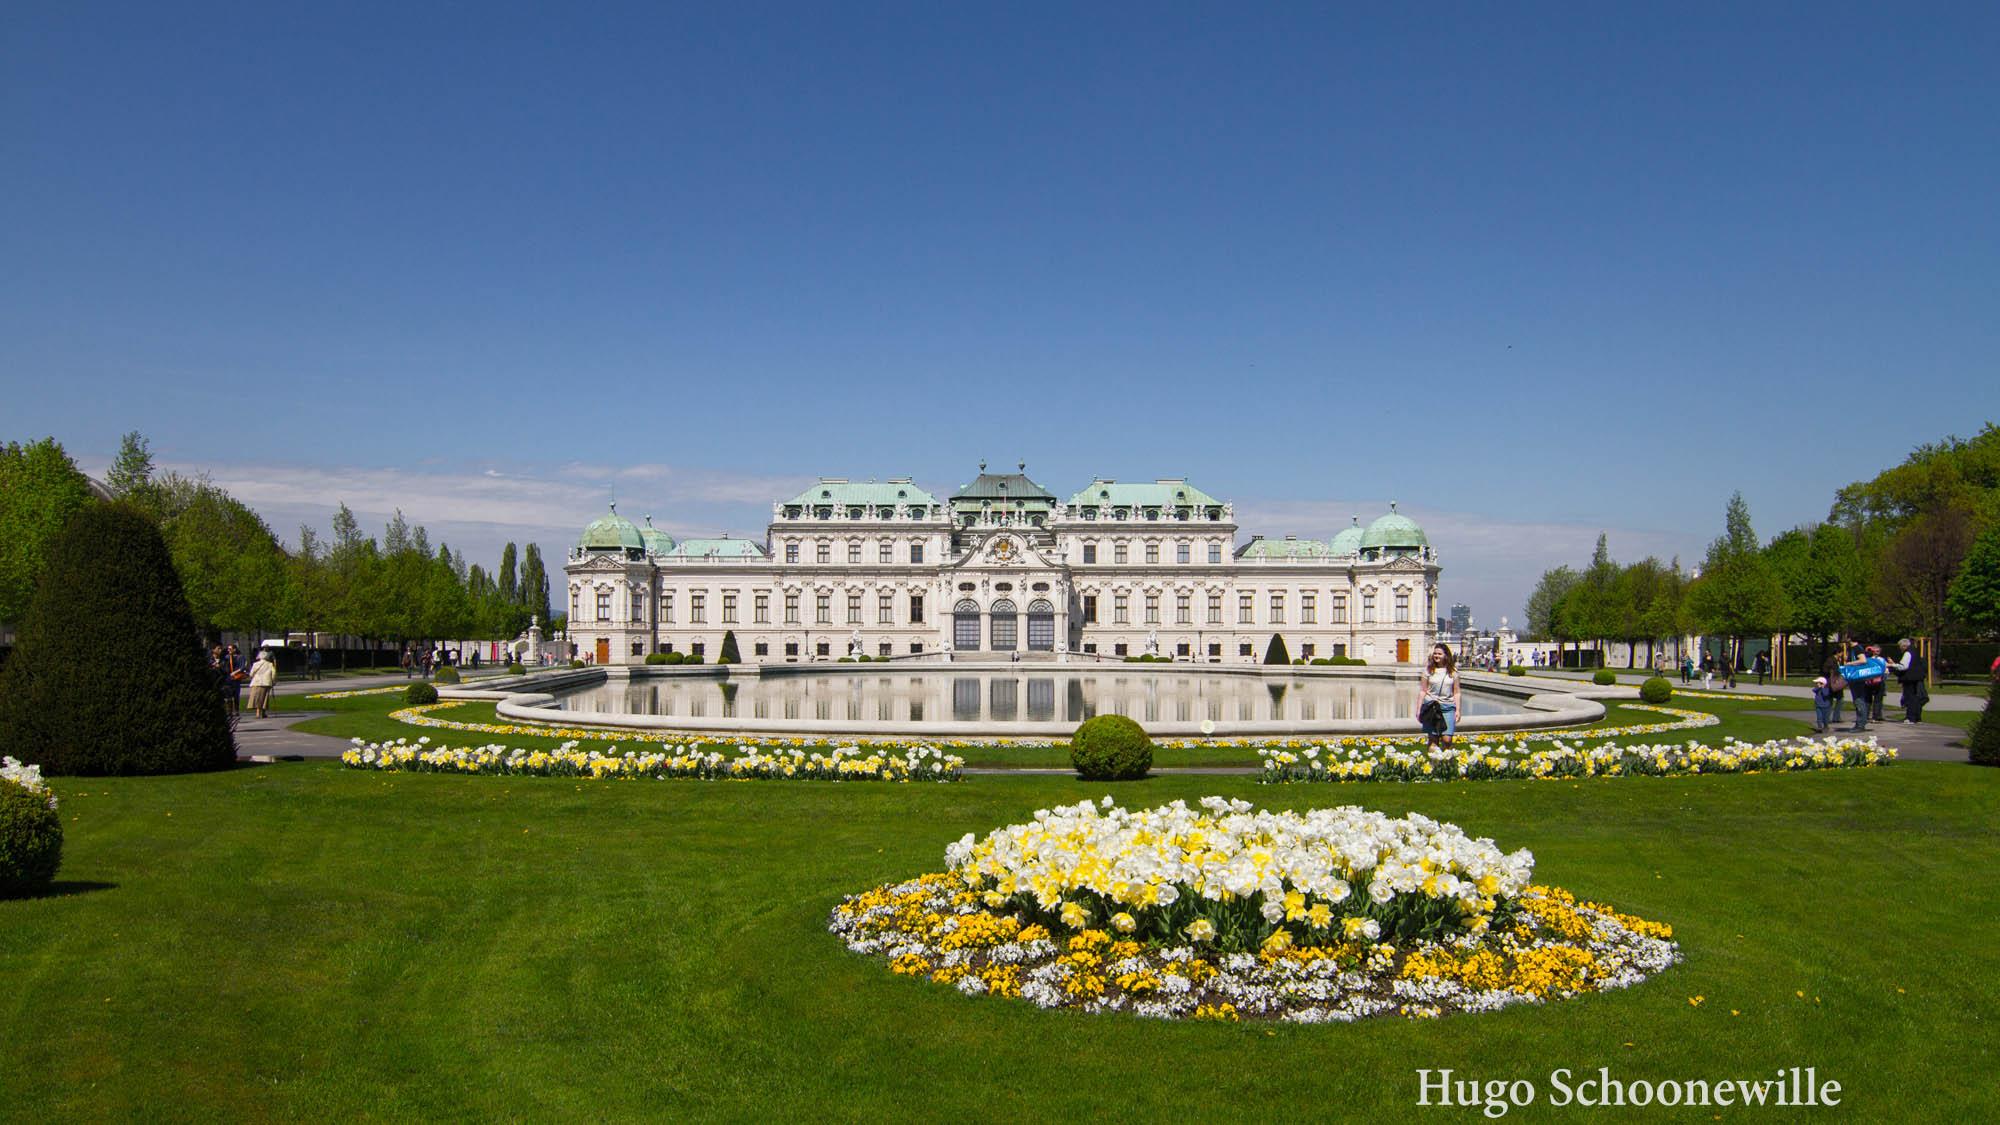 Schloss Belvedere met het meer ervoor op een zonnige dag met veel bloemen eromheen.